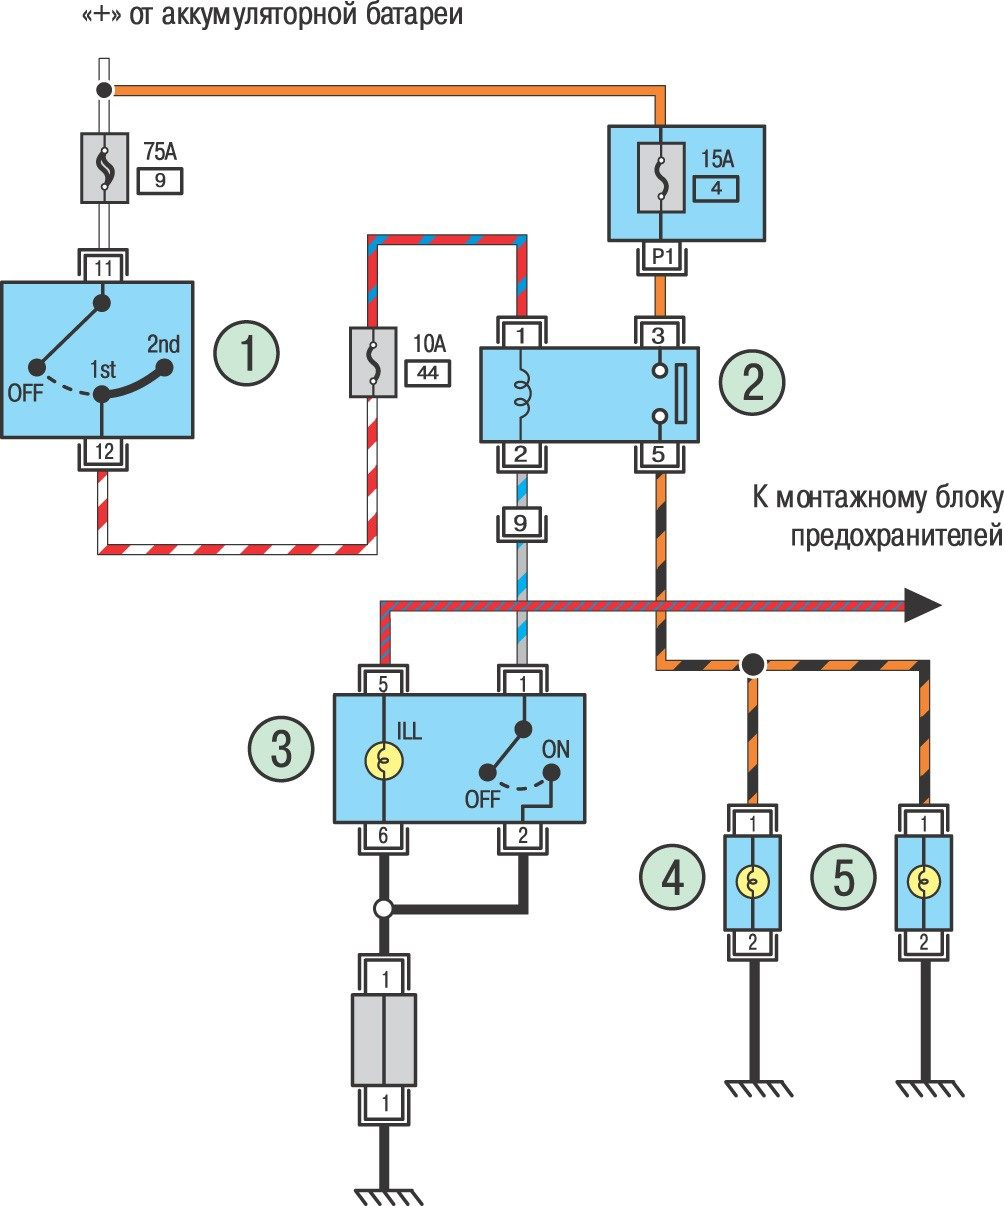 электрическая схема эбу на ниссан примера 1,8 объем